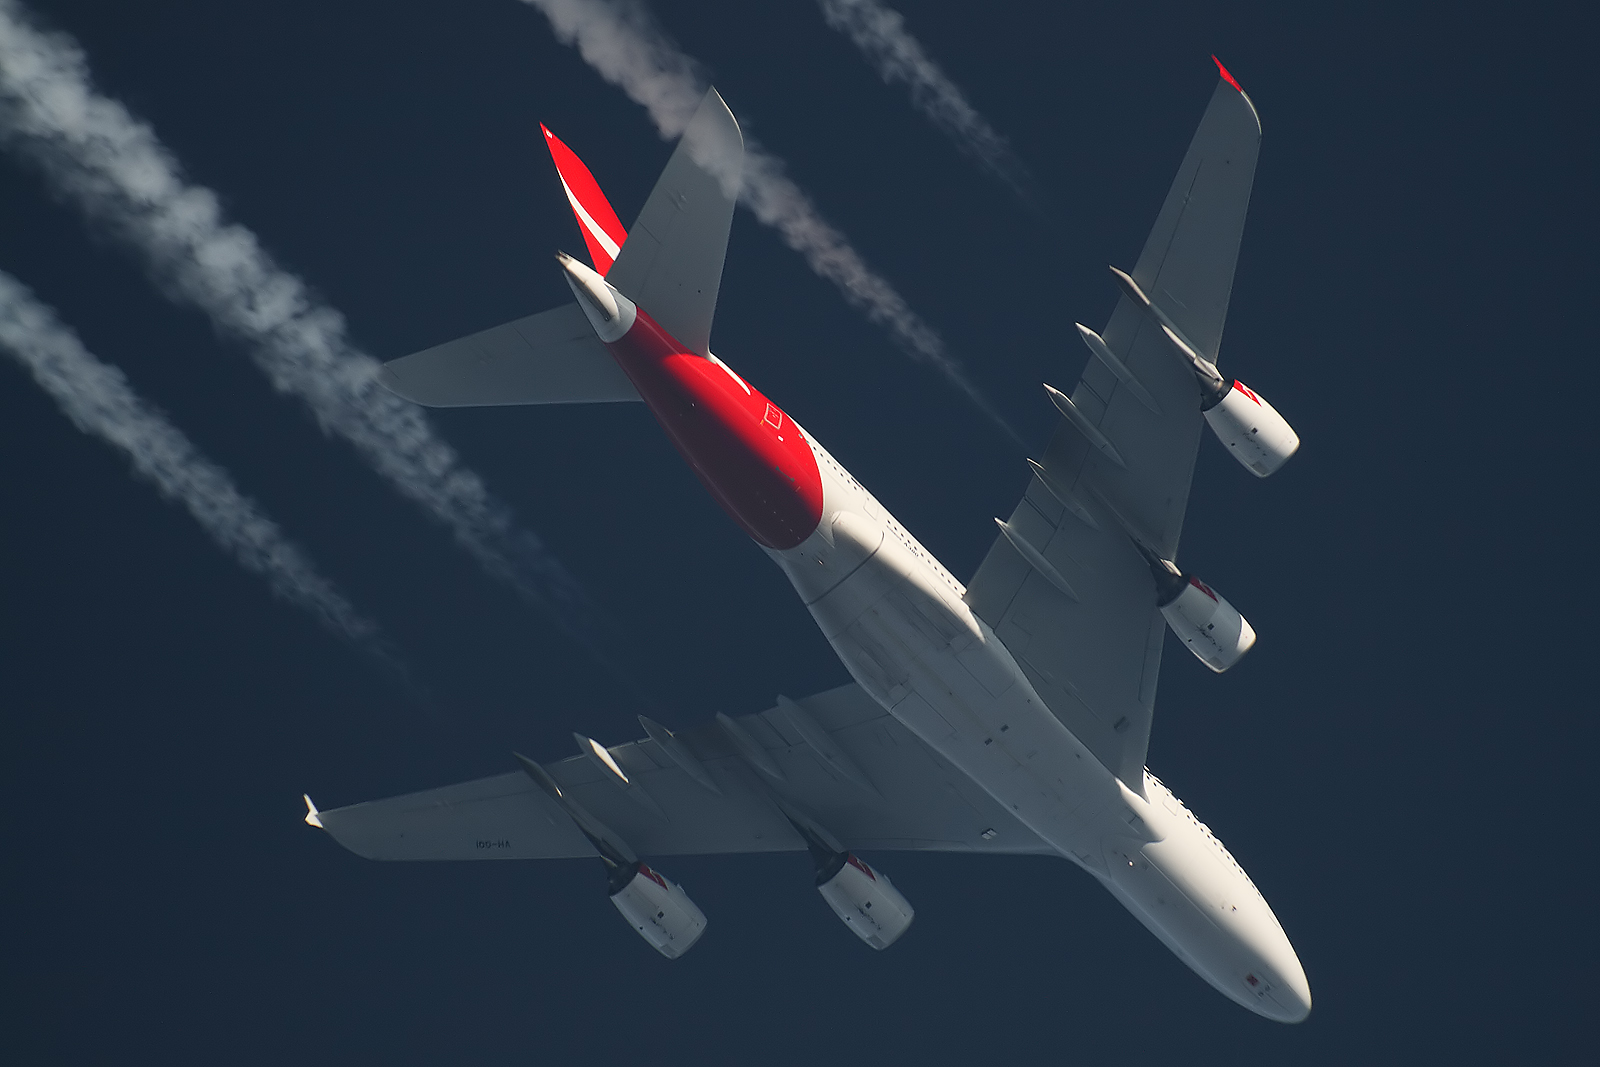 A388 Qantas - VH-OQI - QFA32 [LHR-SIN-SYD] #3